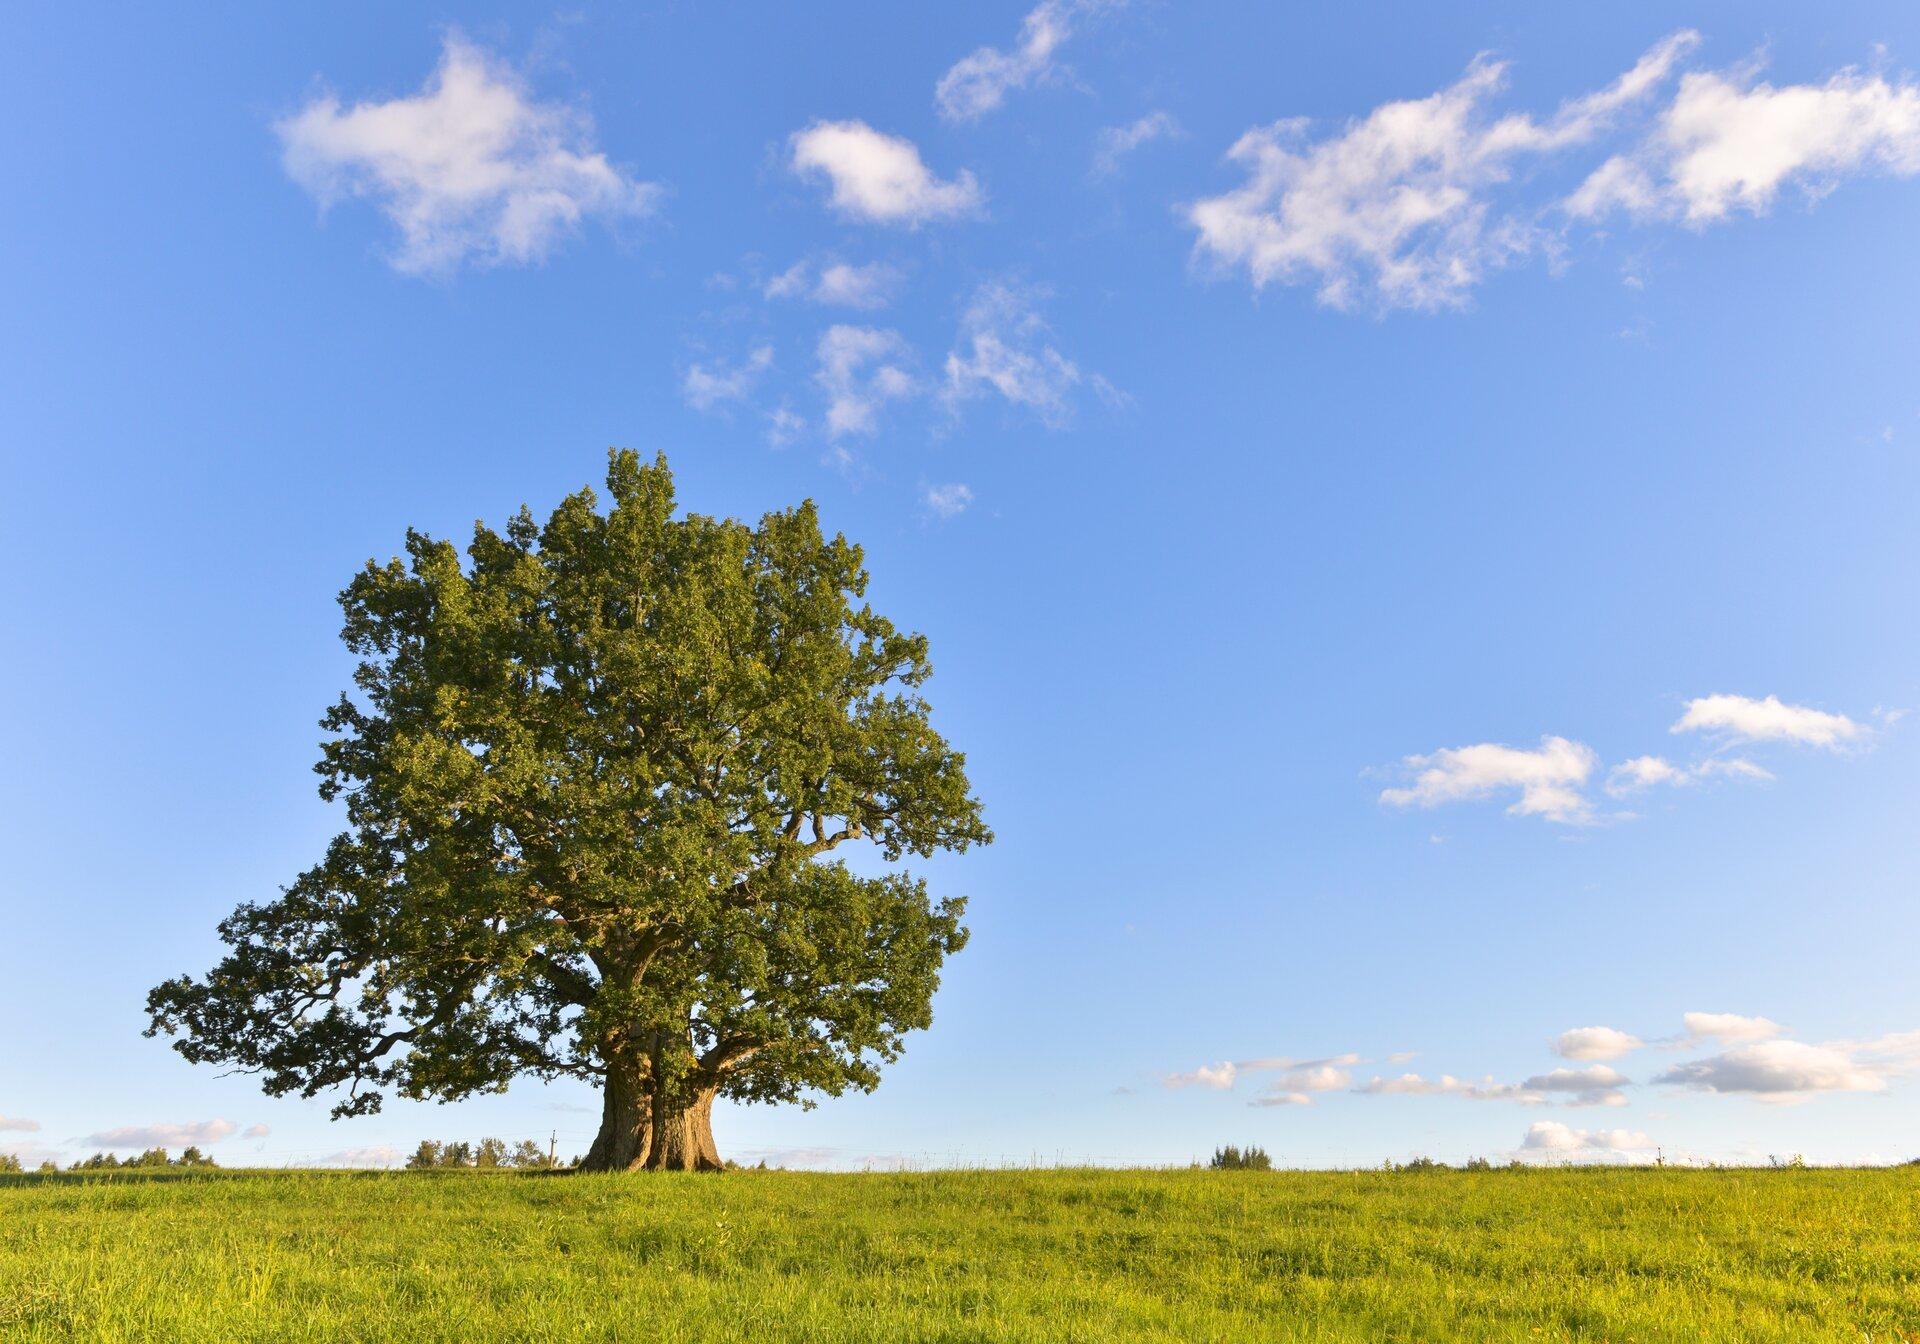 Fotografia przedstawia łąkę, na której znajduje się pojedyncze drzewo. Ma ono rozłożystą koronę. Gałęzie pokryte zielonymi liśćmi wyrastają na całej wysokości pnia.